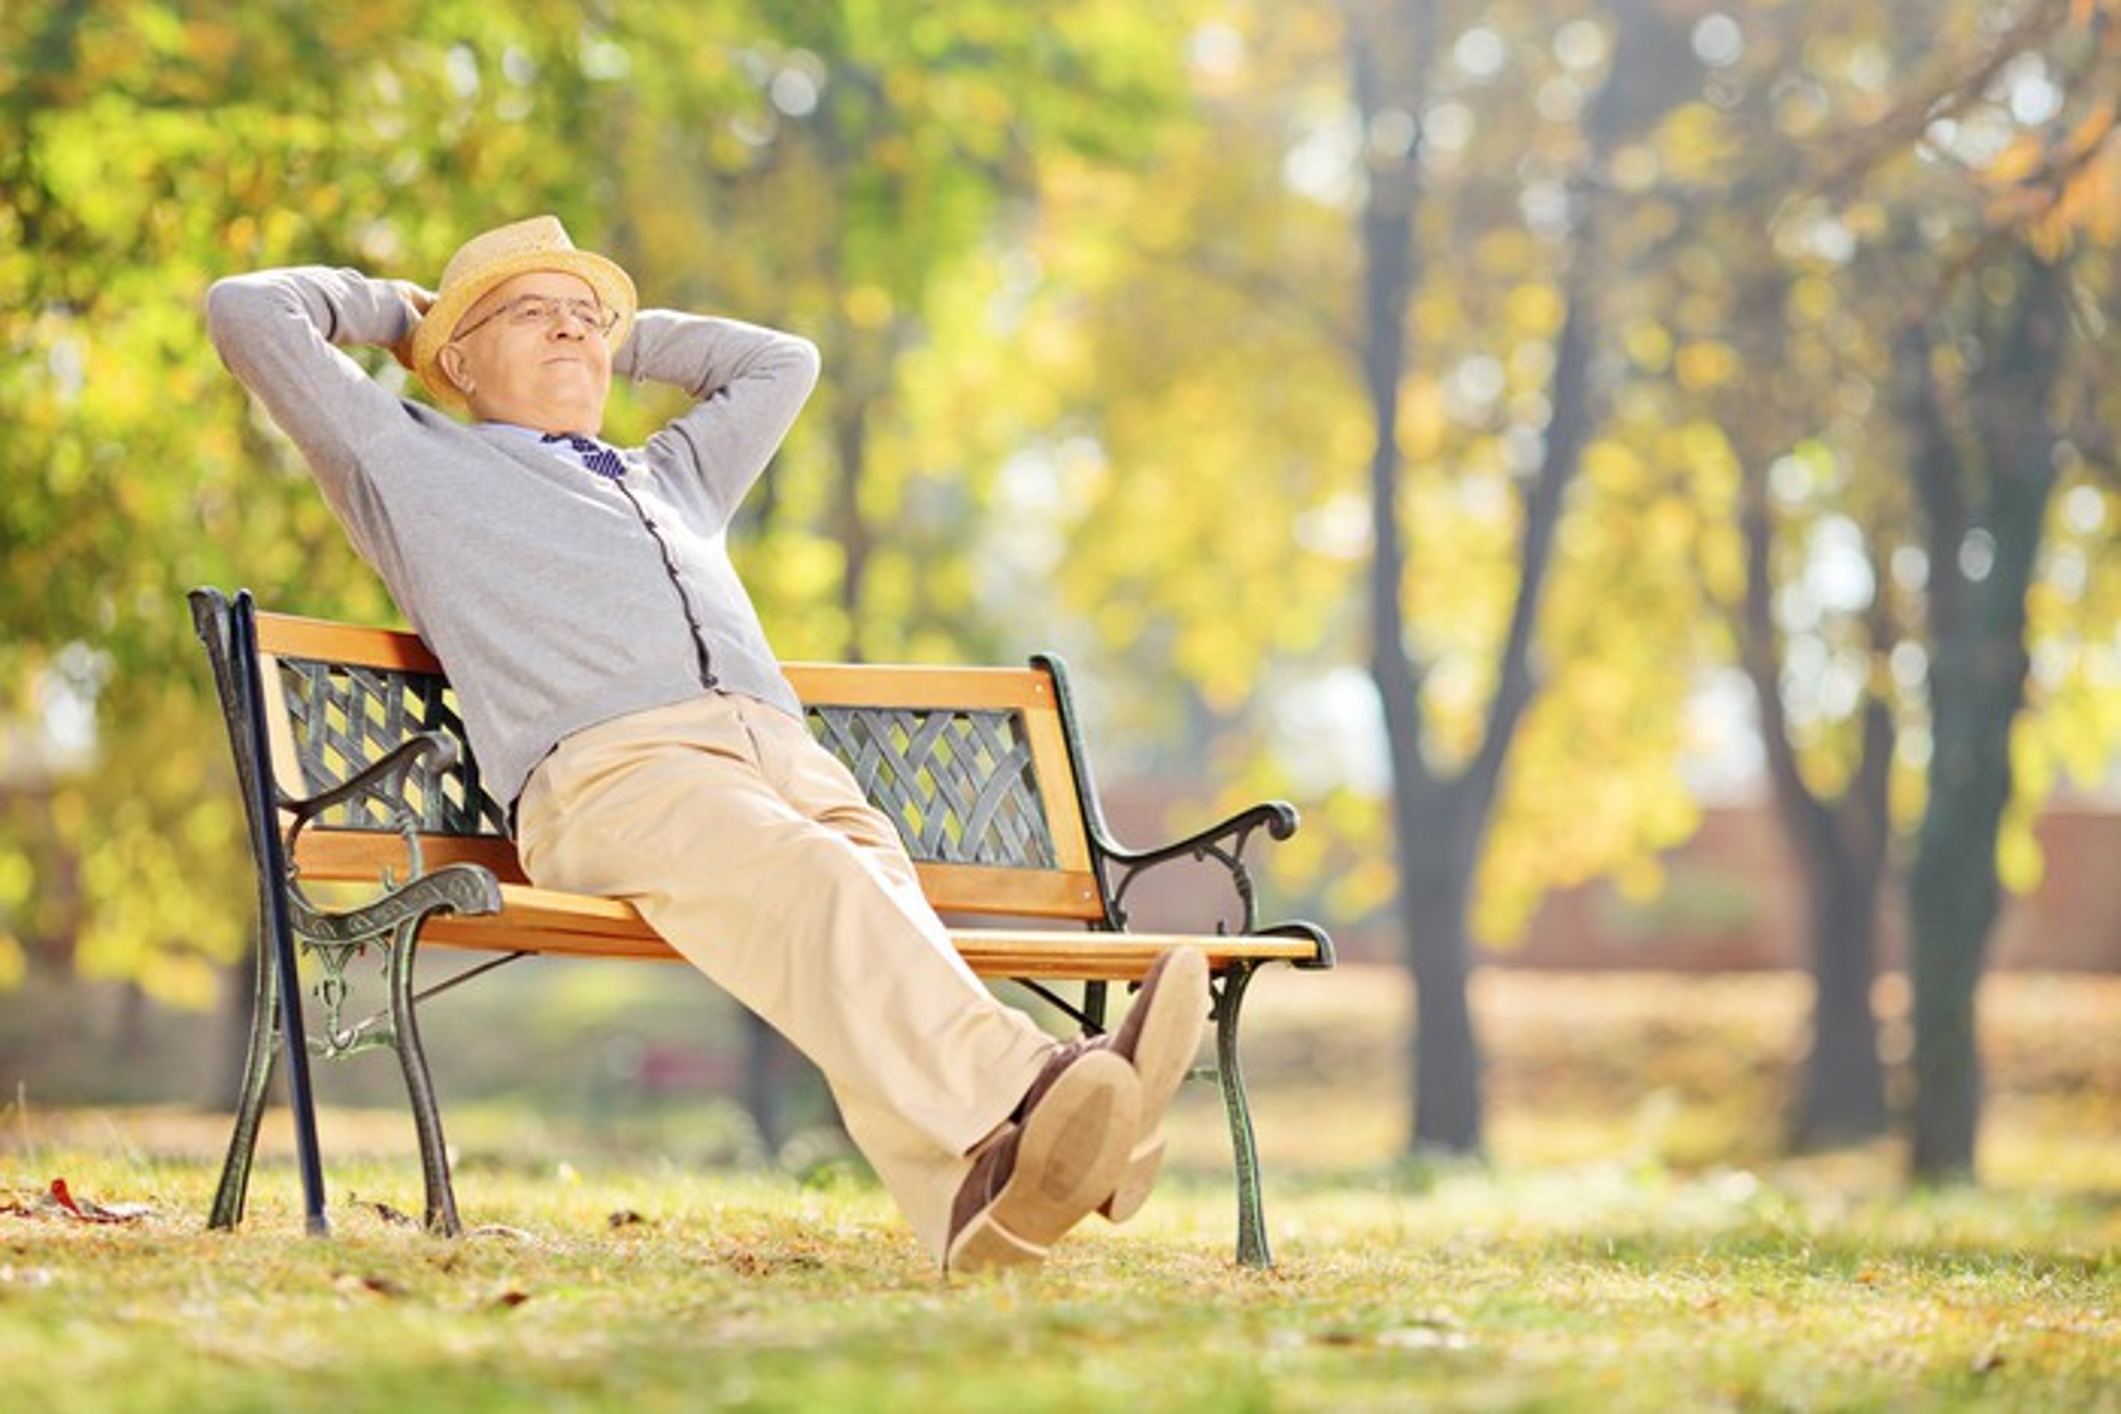 A senior gentleman relaxing in a park.